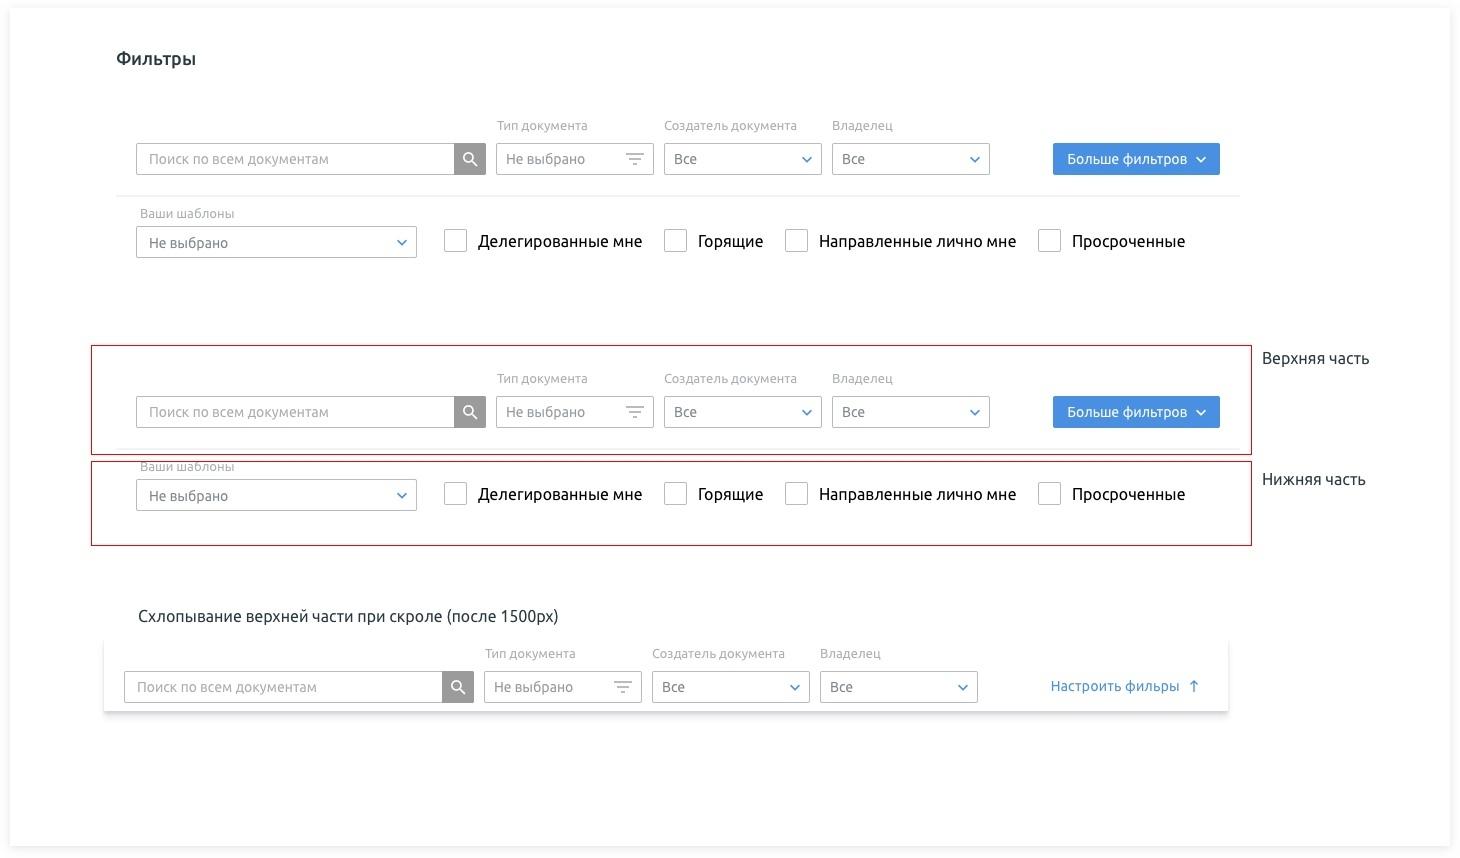 Финальный вариант блока фильтров | SobakaPav.ru